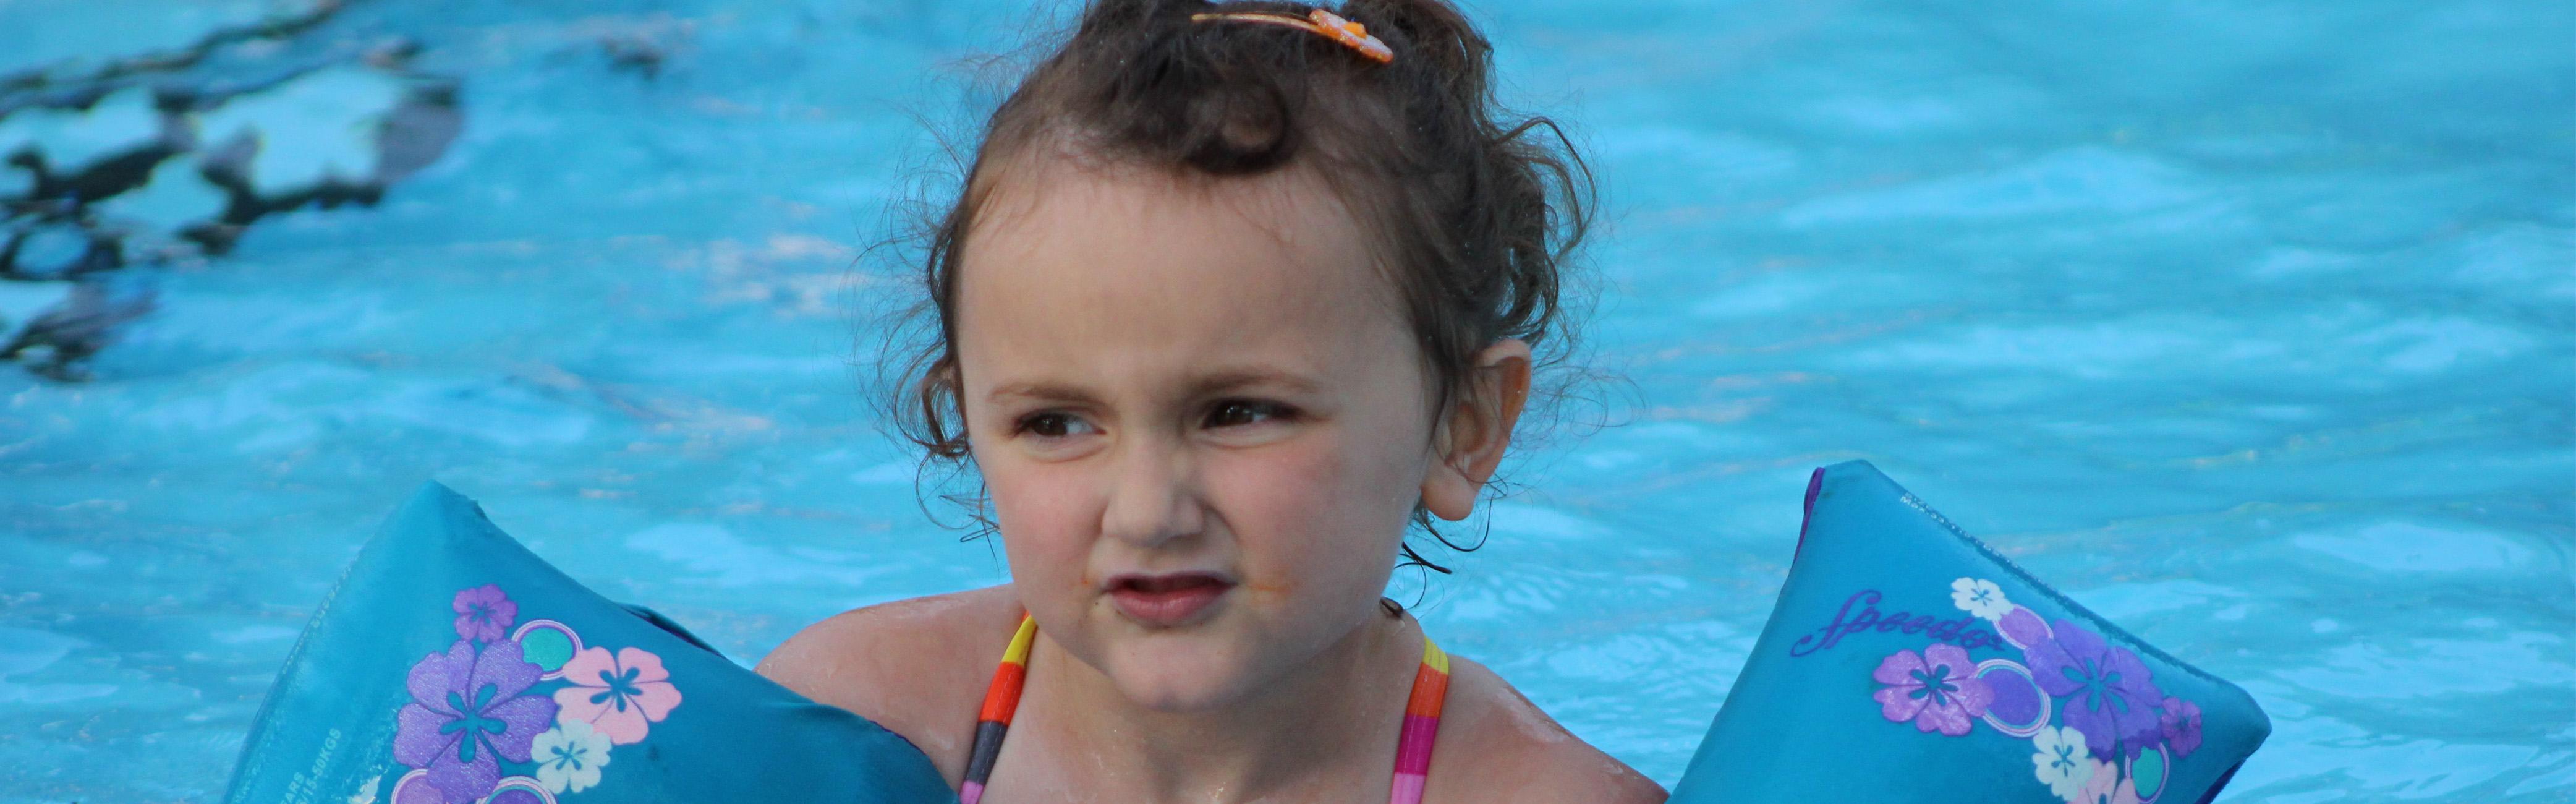 girl in floaties